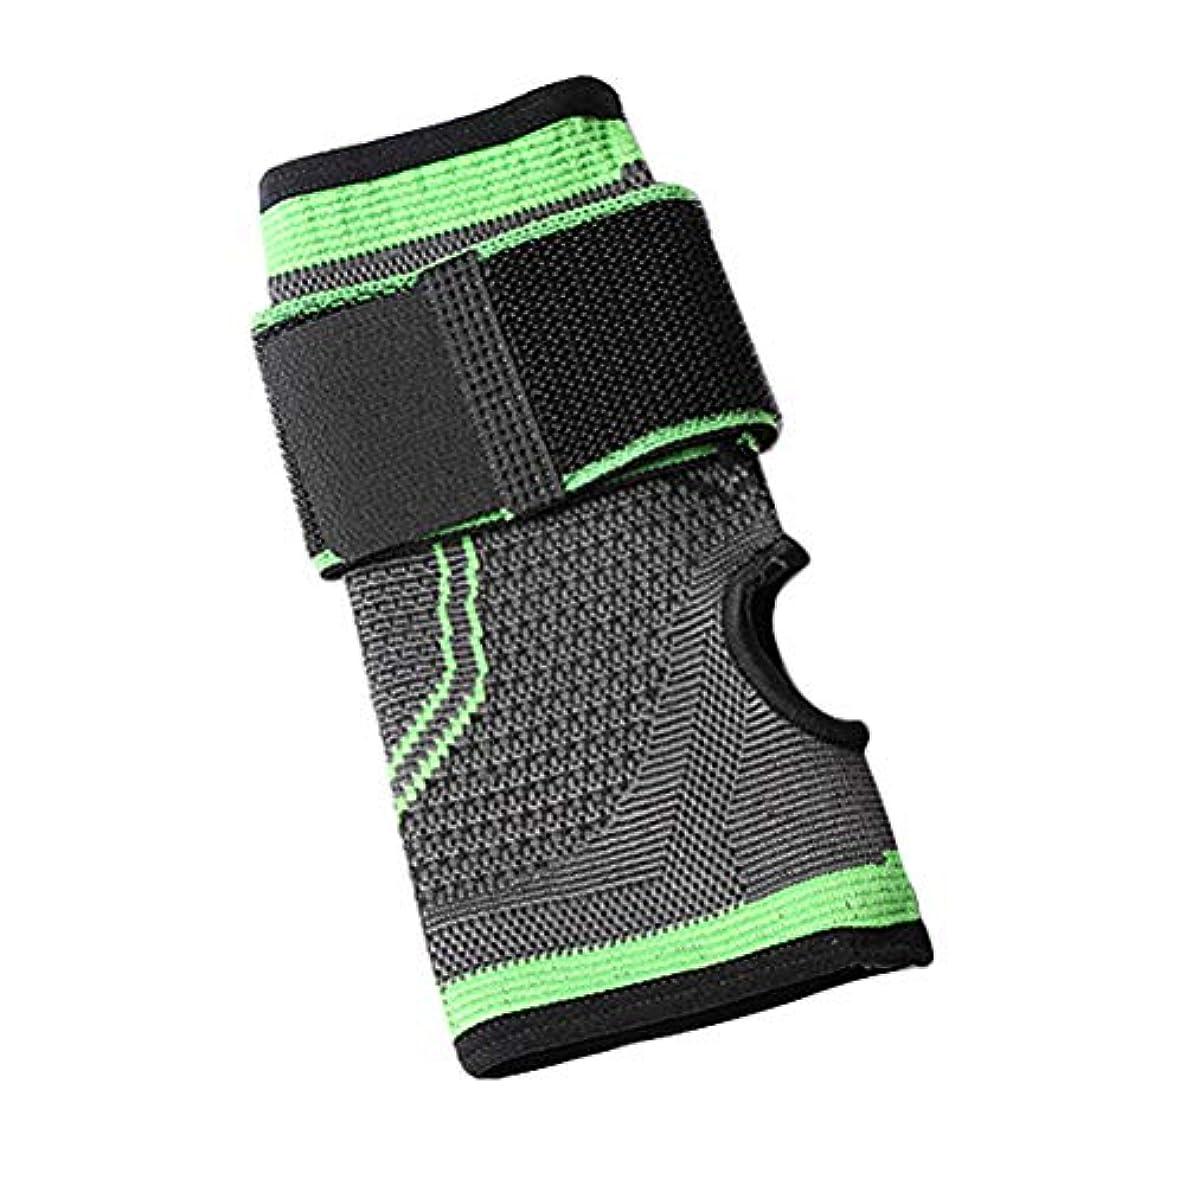 肌寒い襟内向きHeallily 重量挙げのクロスジムのサイズLの手首ブレースサポート副木